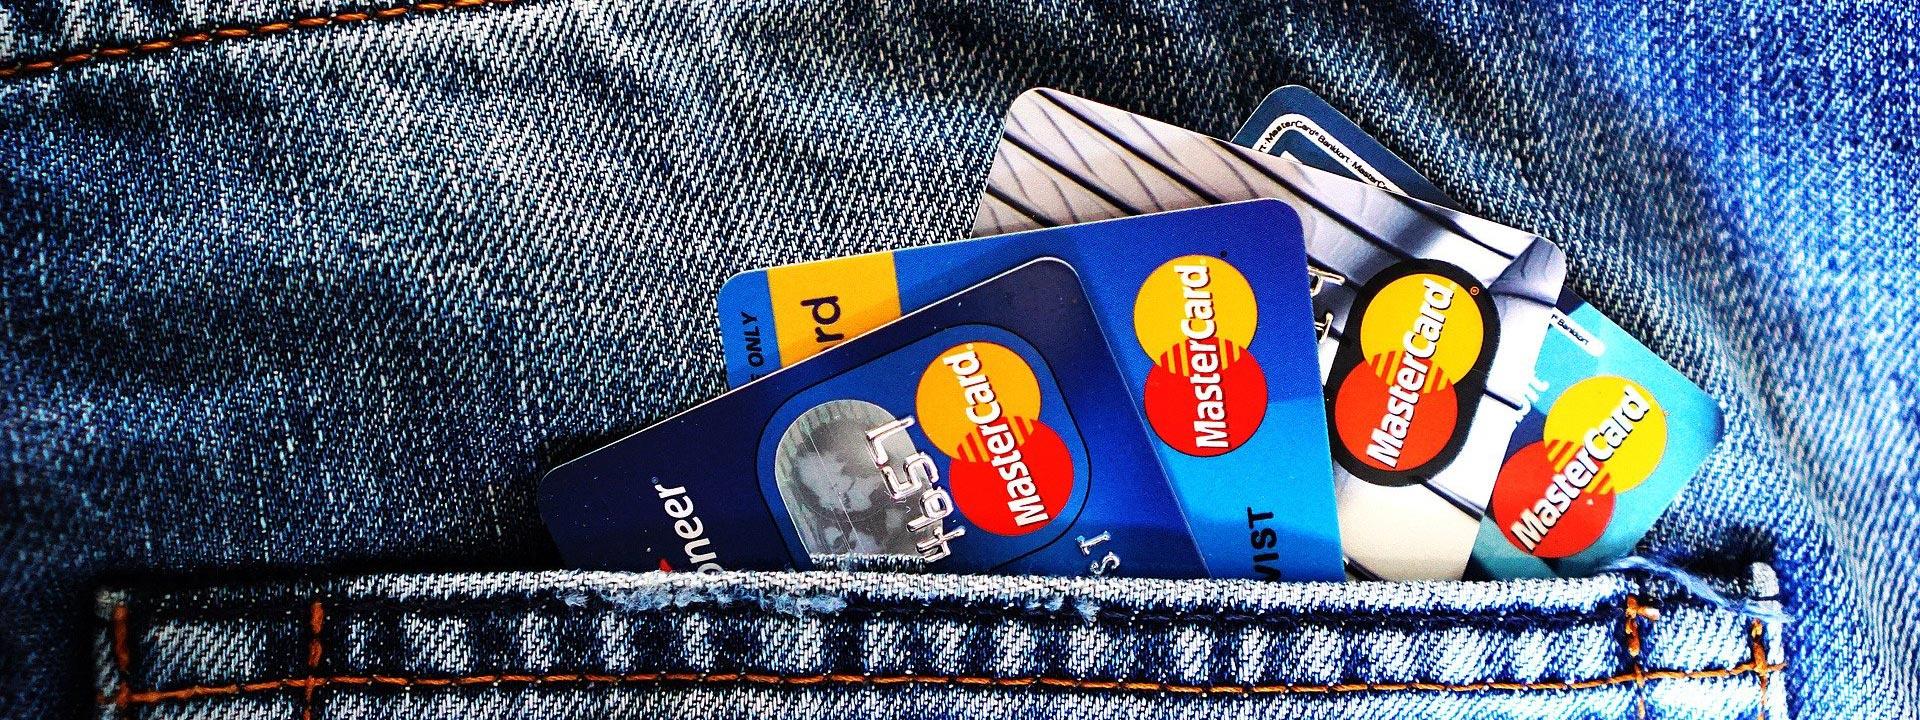 Quel est le moyen de paiement le plus sûr ?